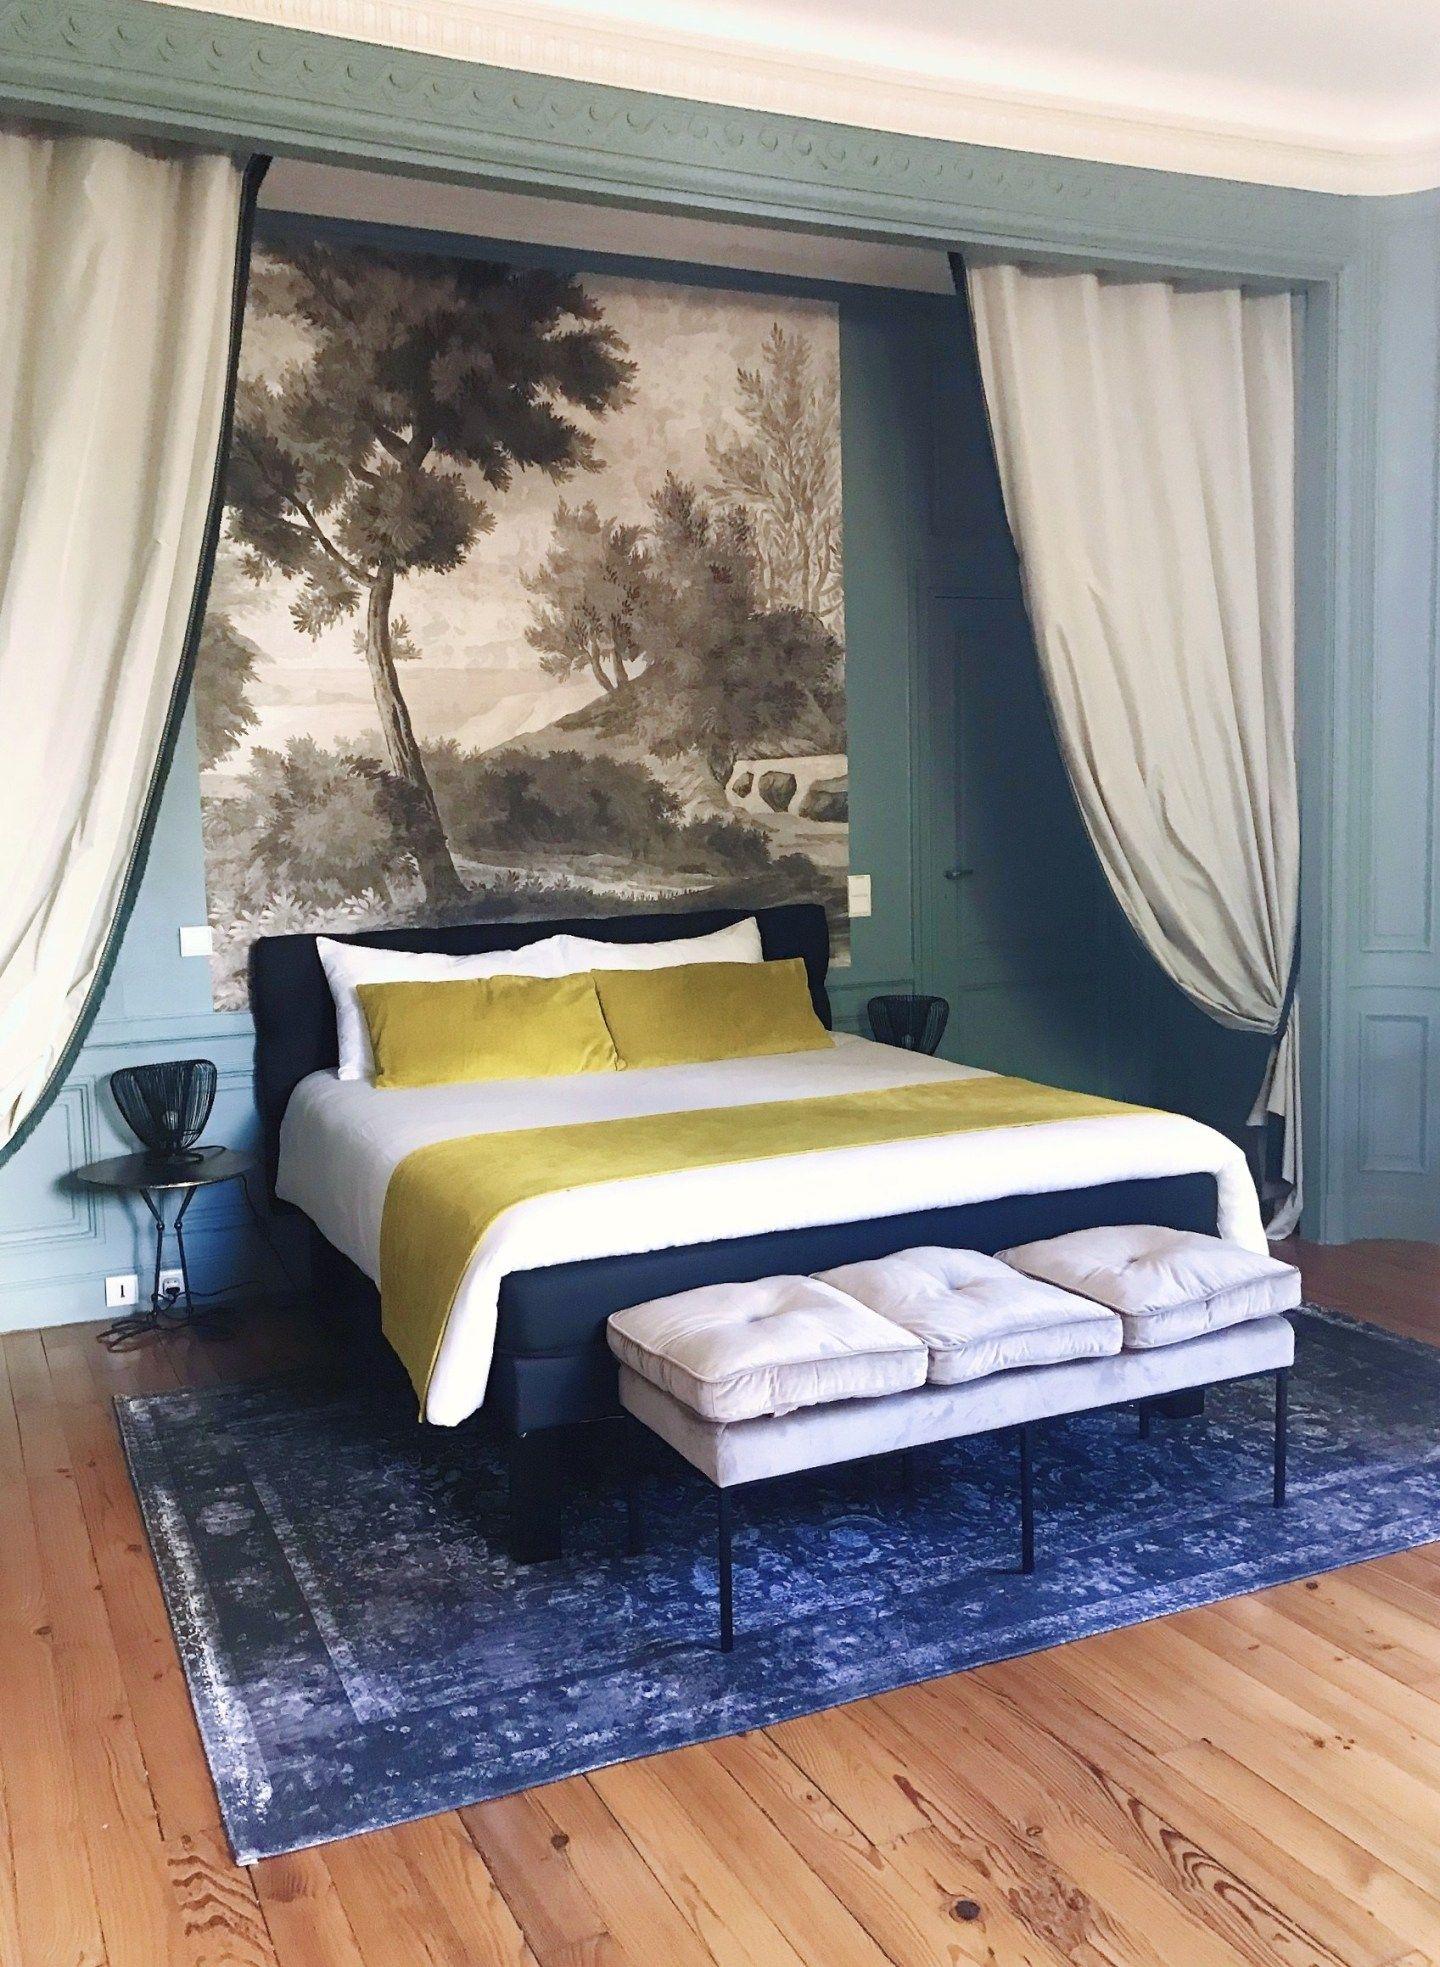 La Maison Du Marquis A Biarritz La Suite Du Marquis Chambre D Hotes Cote Basque Deco Chambre D Hotes Decoration Maison Deco Chambre